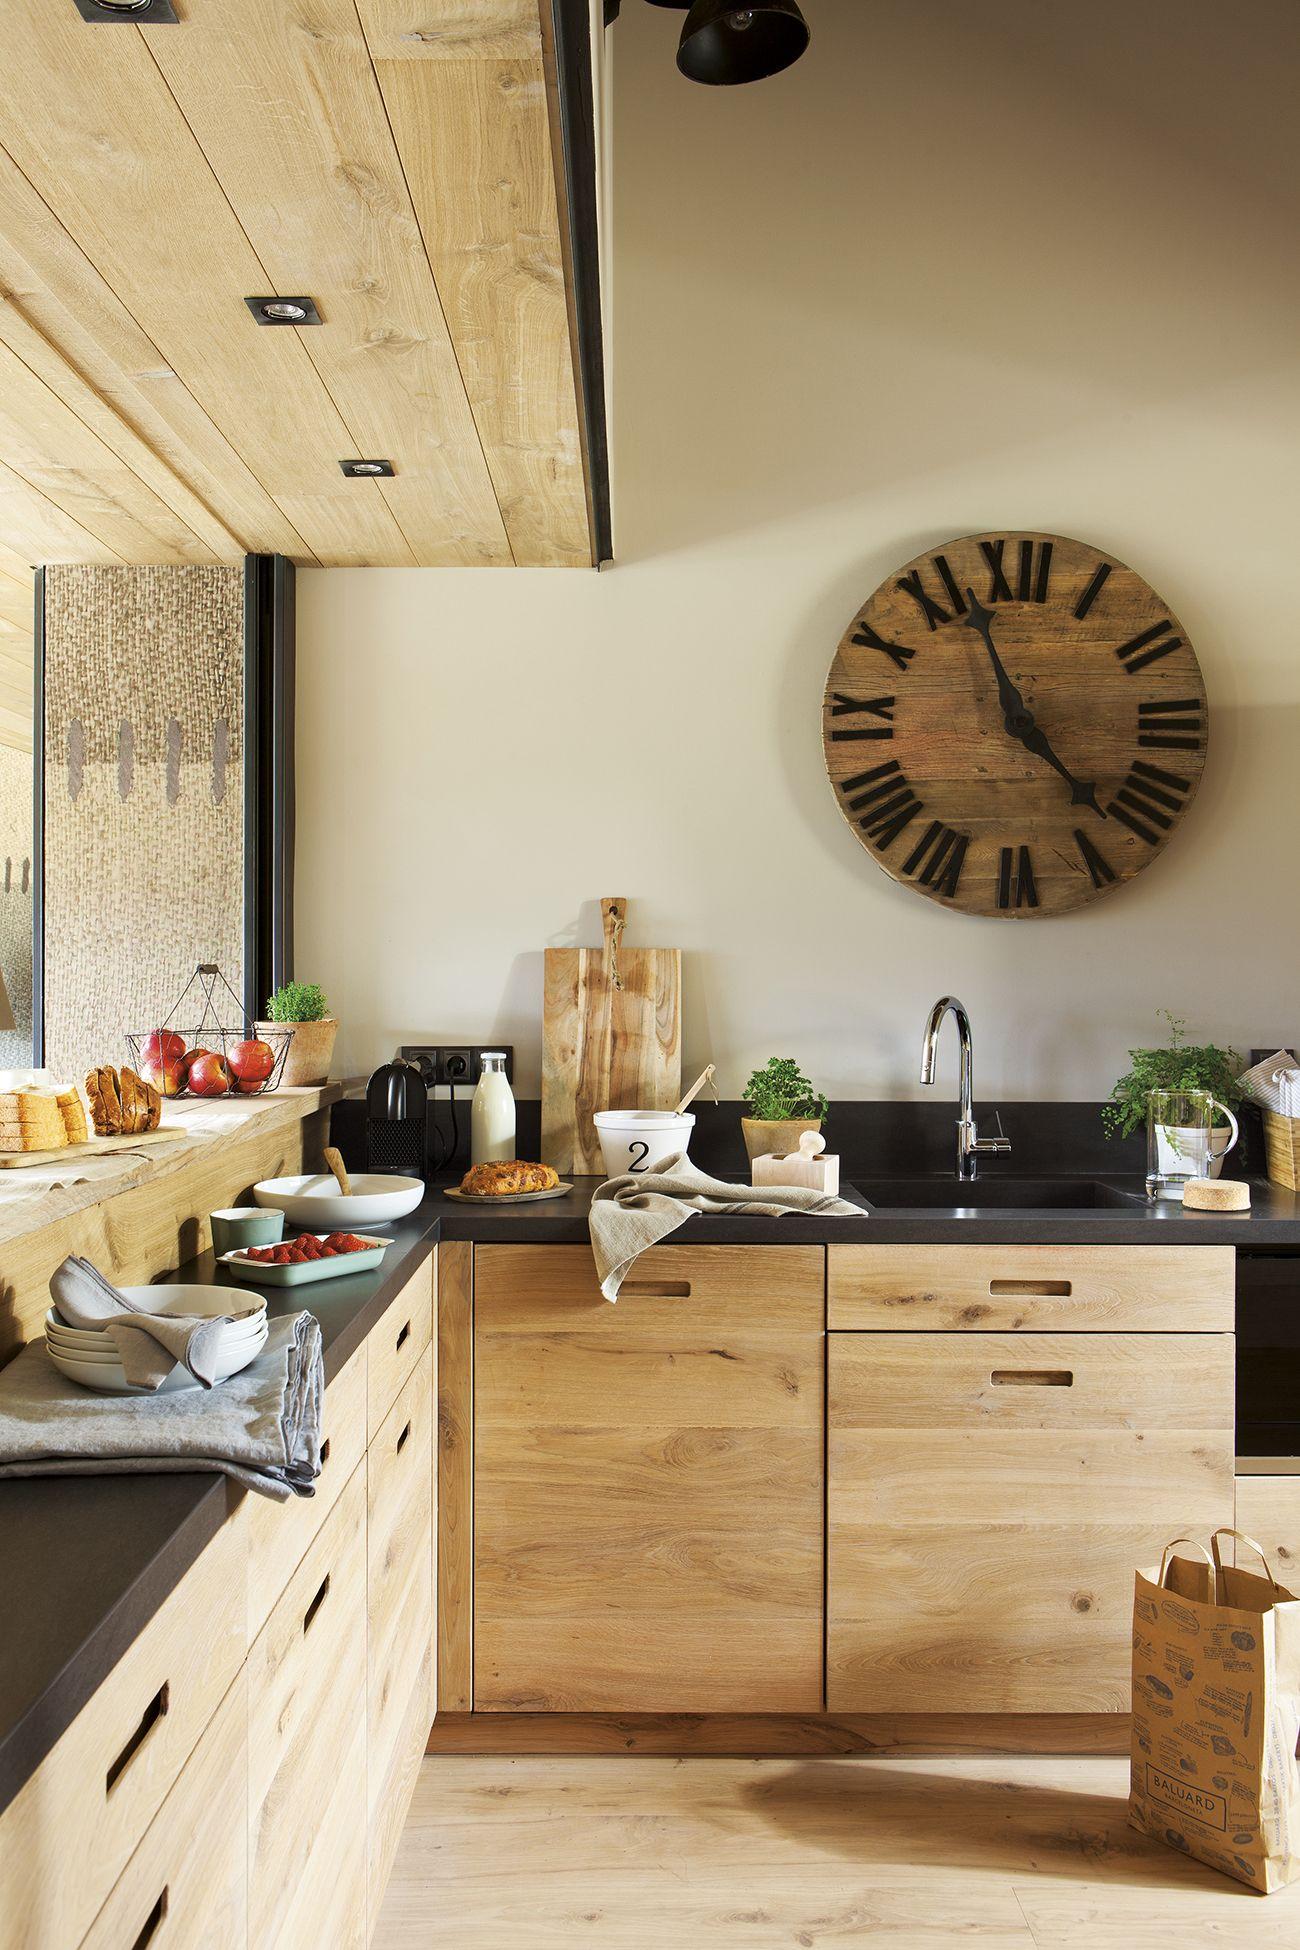 Renueva la encimera y estrena cocina cocinas muebles - Encimera de madera para cocina ...